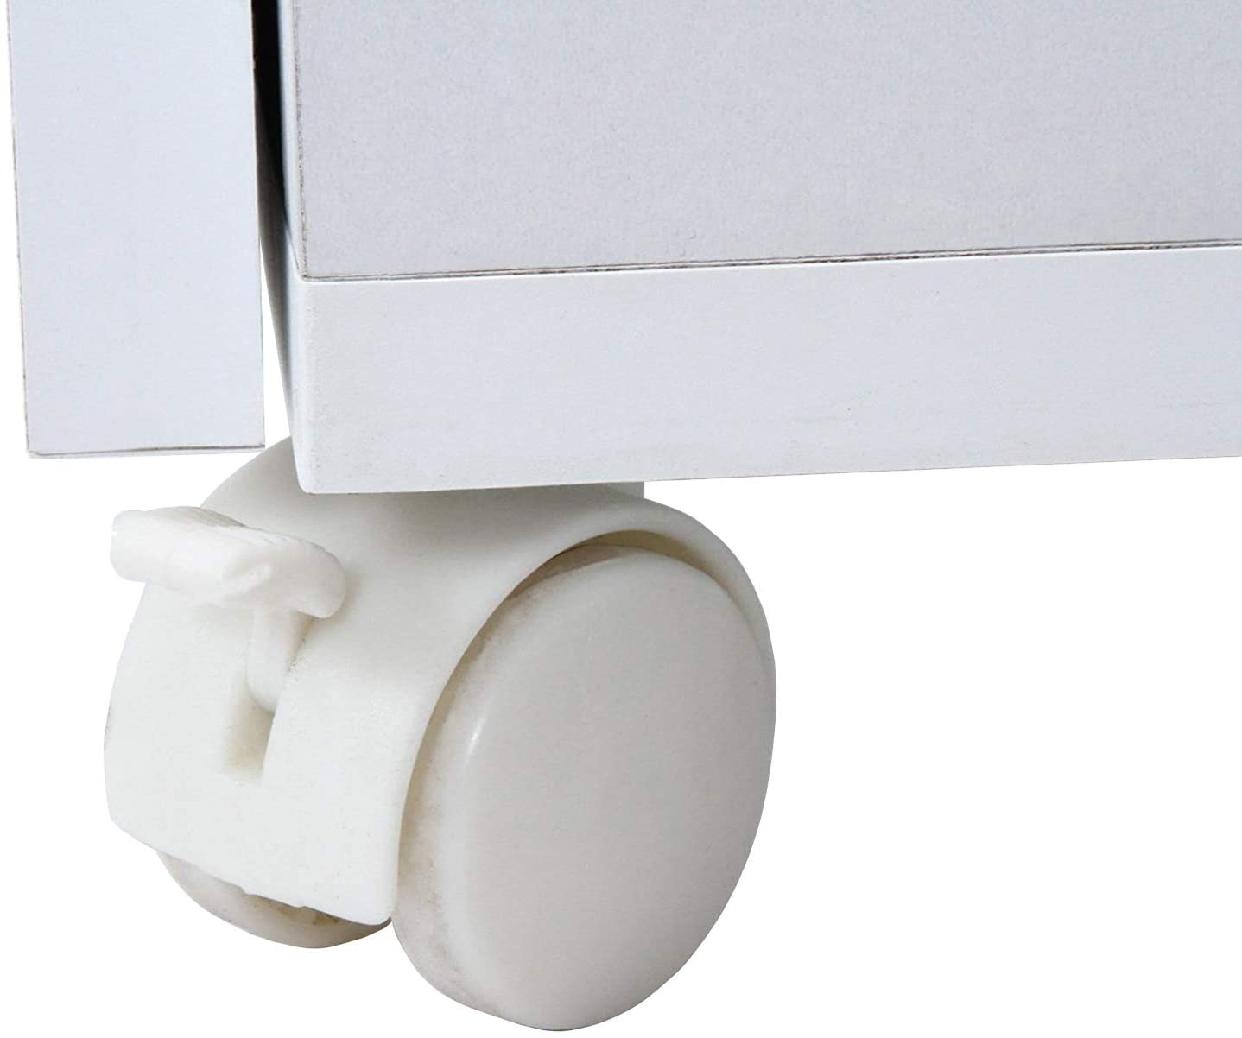 Sage(サージュ)キッチンカウンター 96820 幅120cmの商品画像15